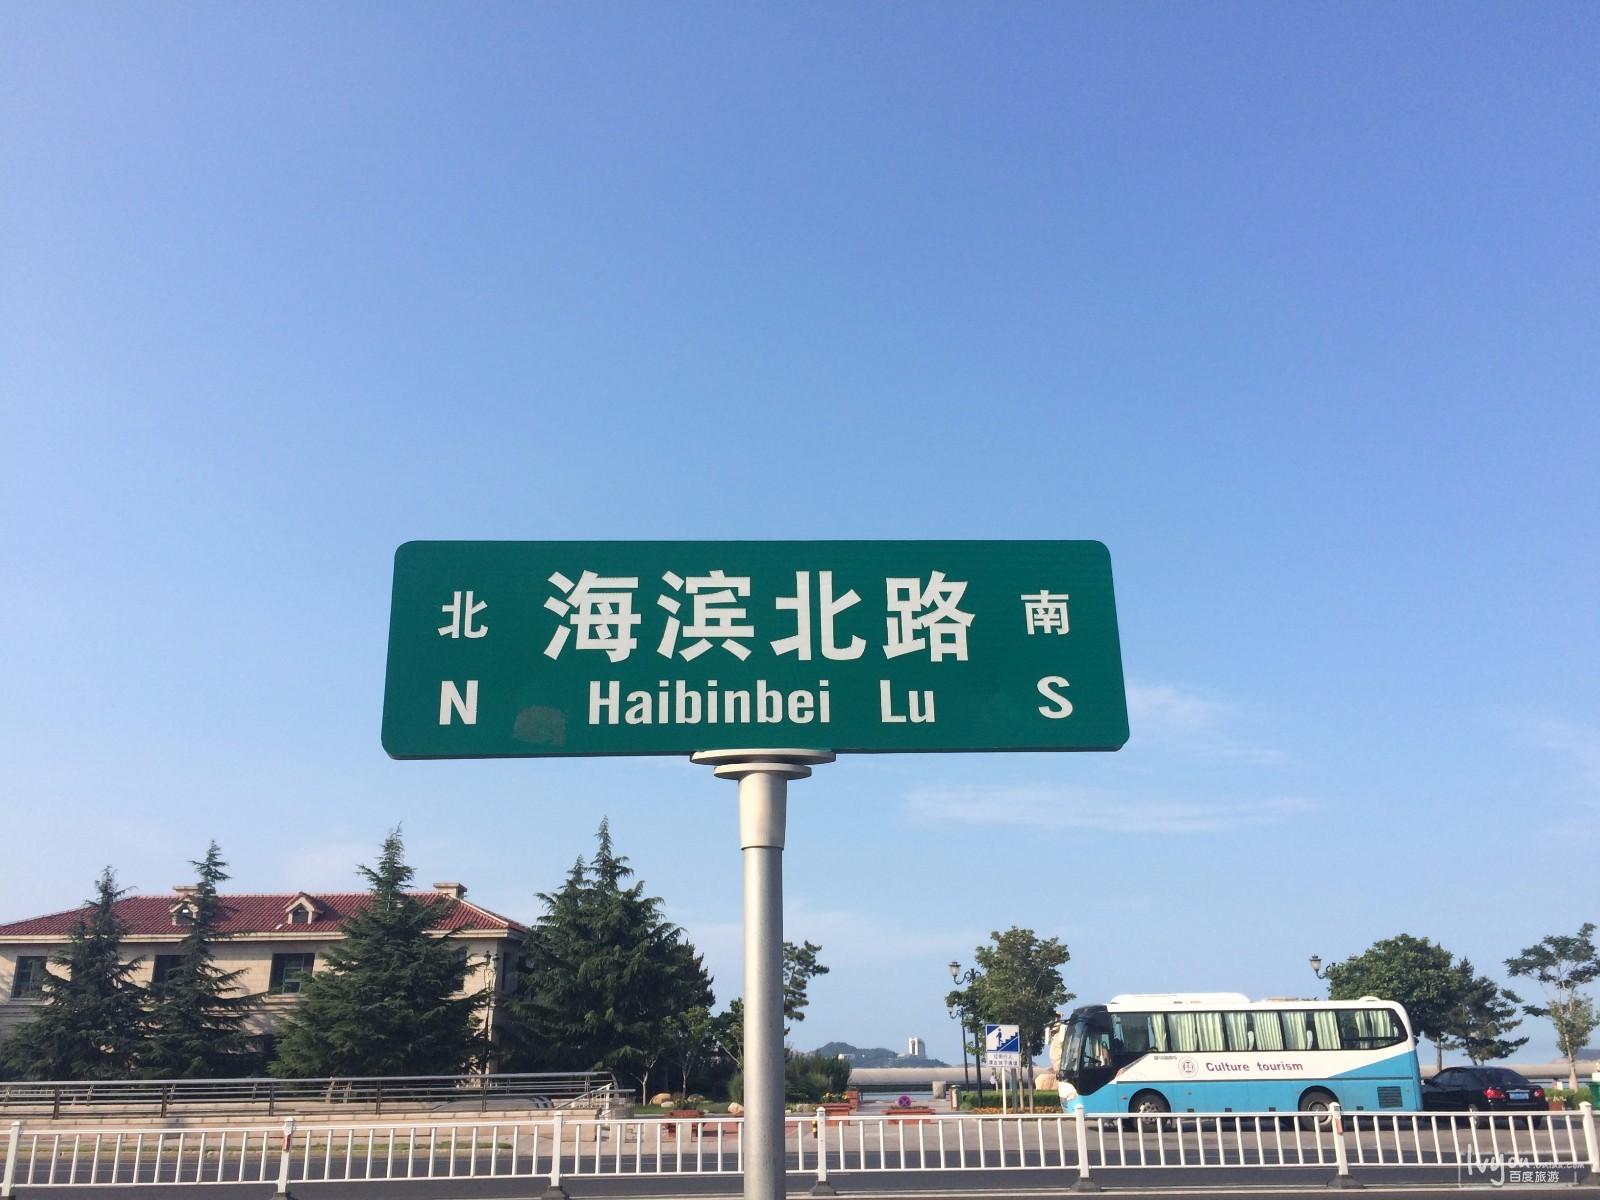 东北大环线<秦皇岛-锦州-哈尔滨-长春-大连-威海-呼和浩特&gt